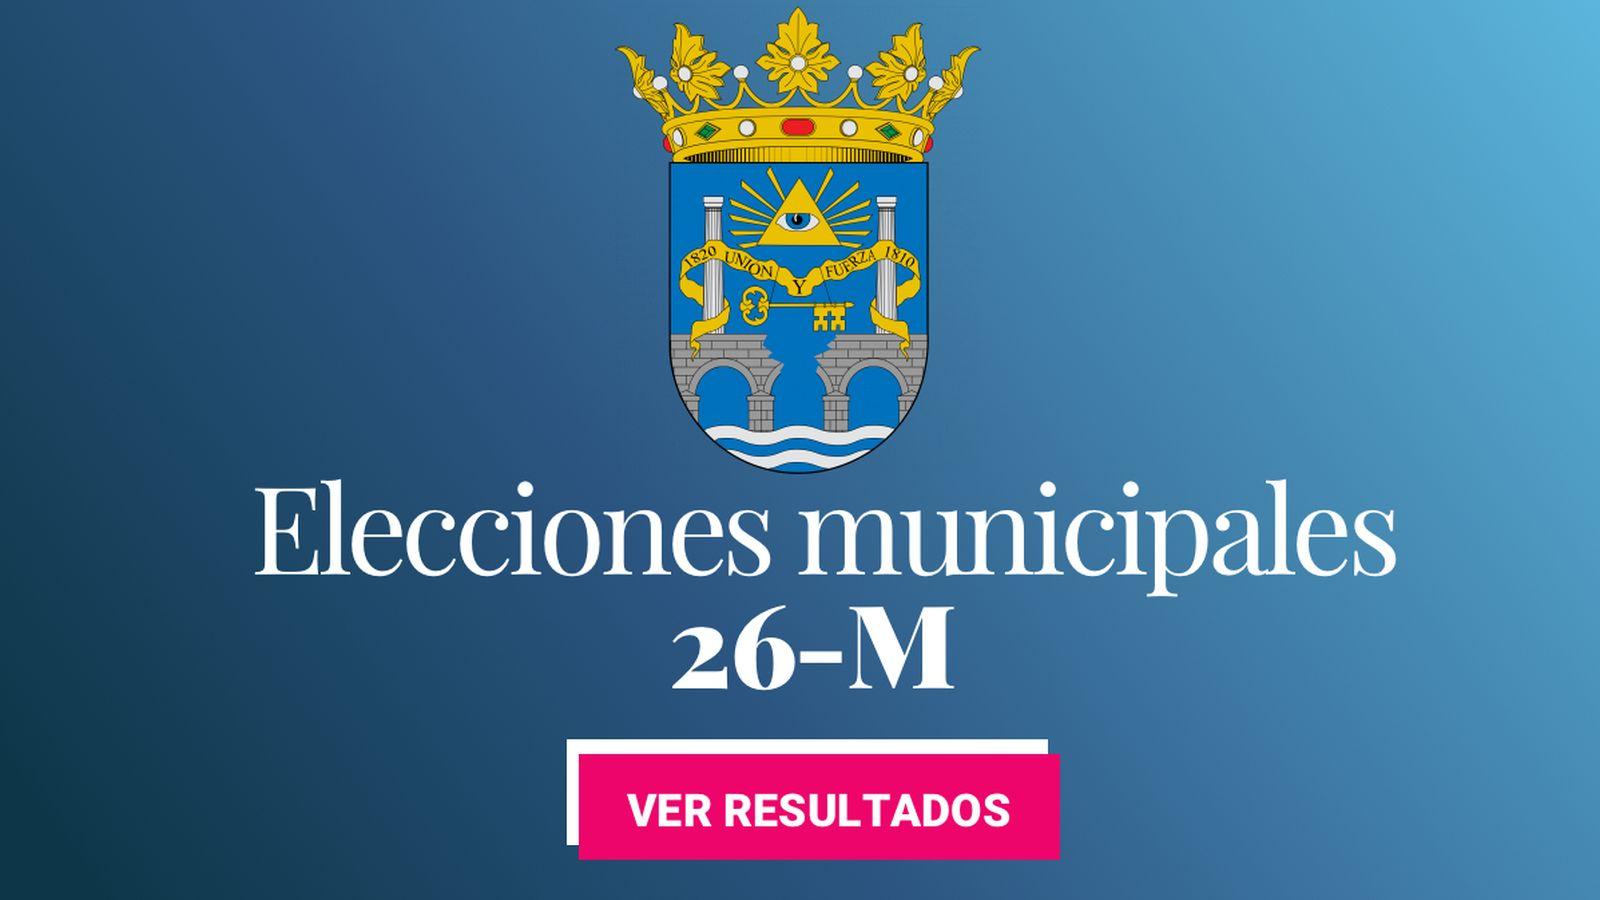 Foto: Elecciones municipales 2019 en San Fernando. (C.C./EC)